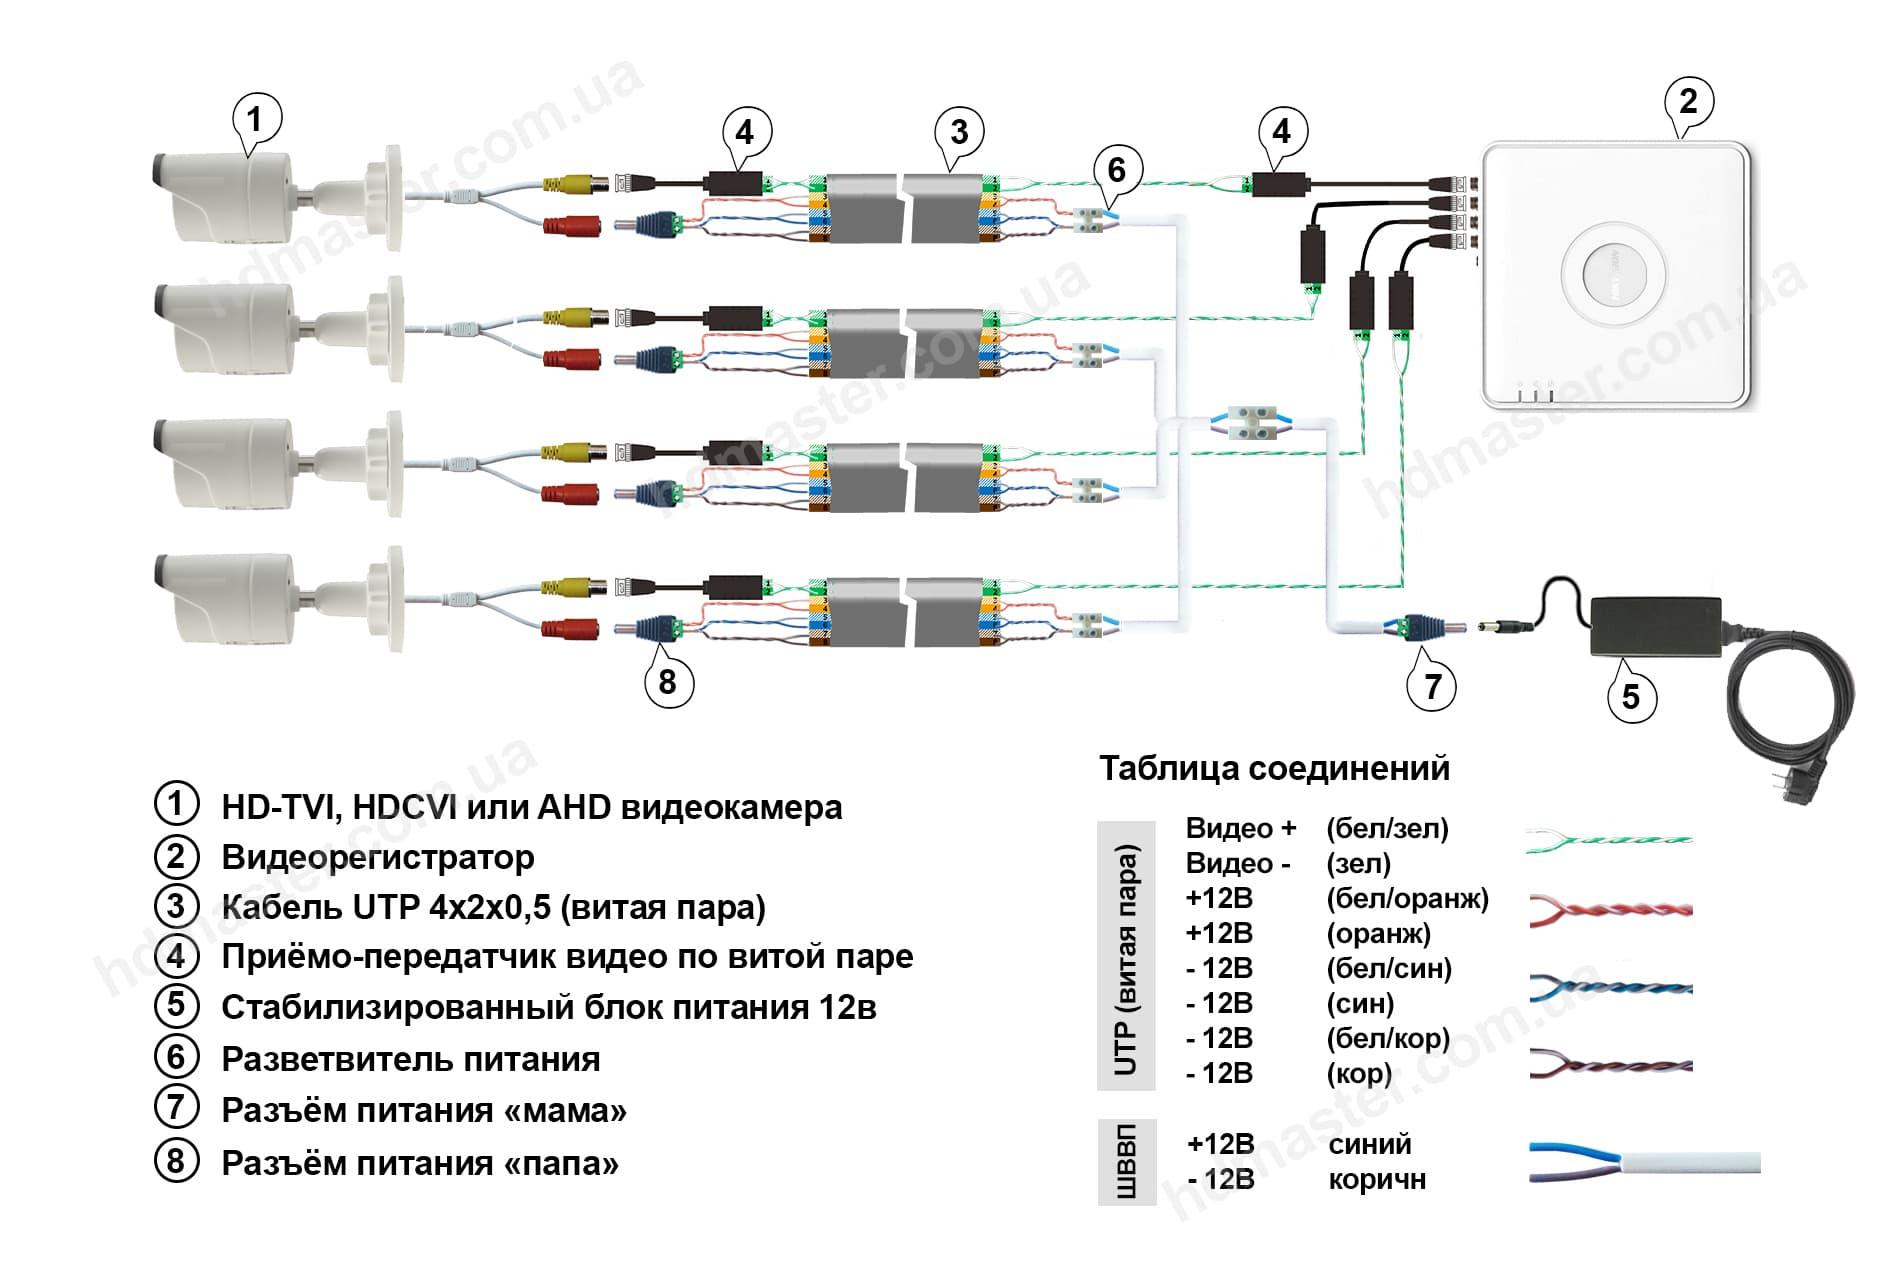 Схема подключения видео и питания на камеру видеонаблюдения